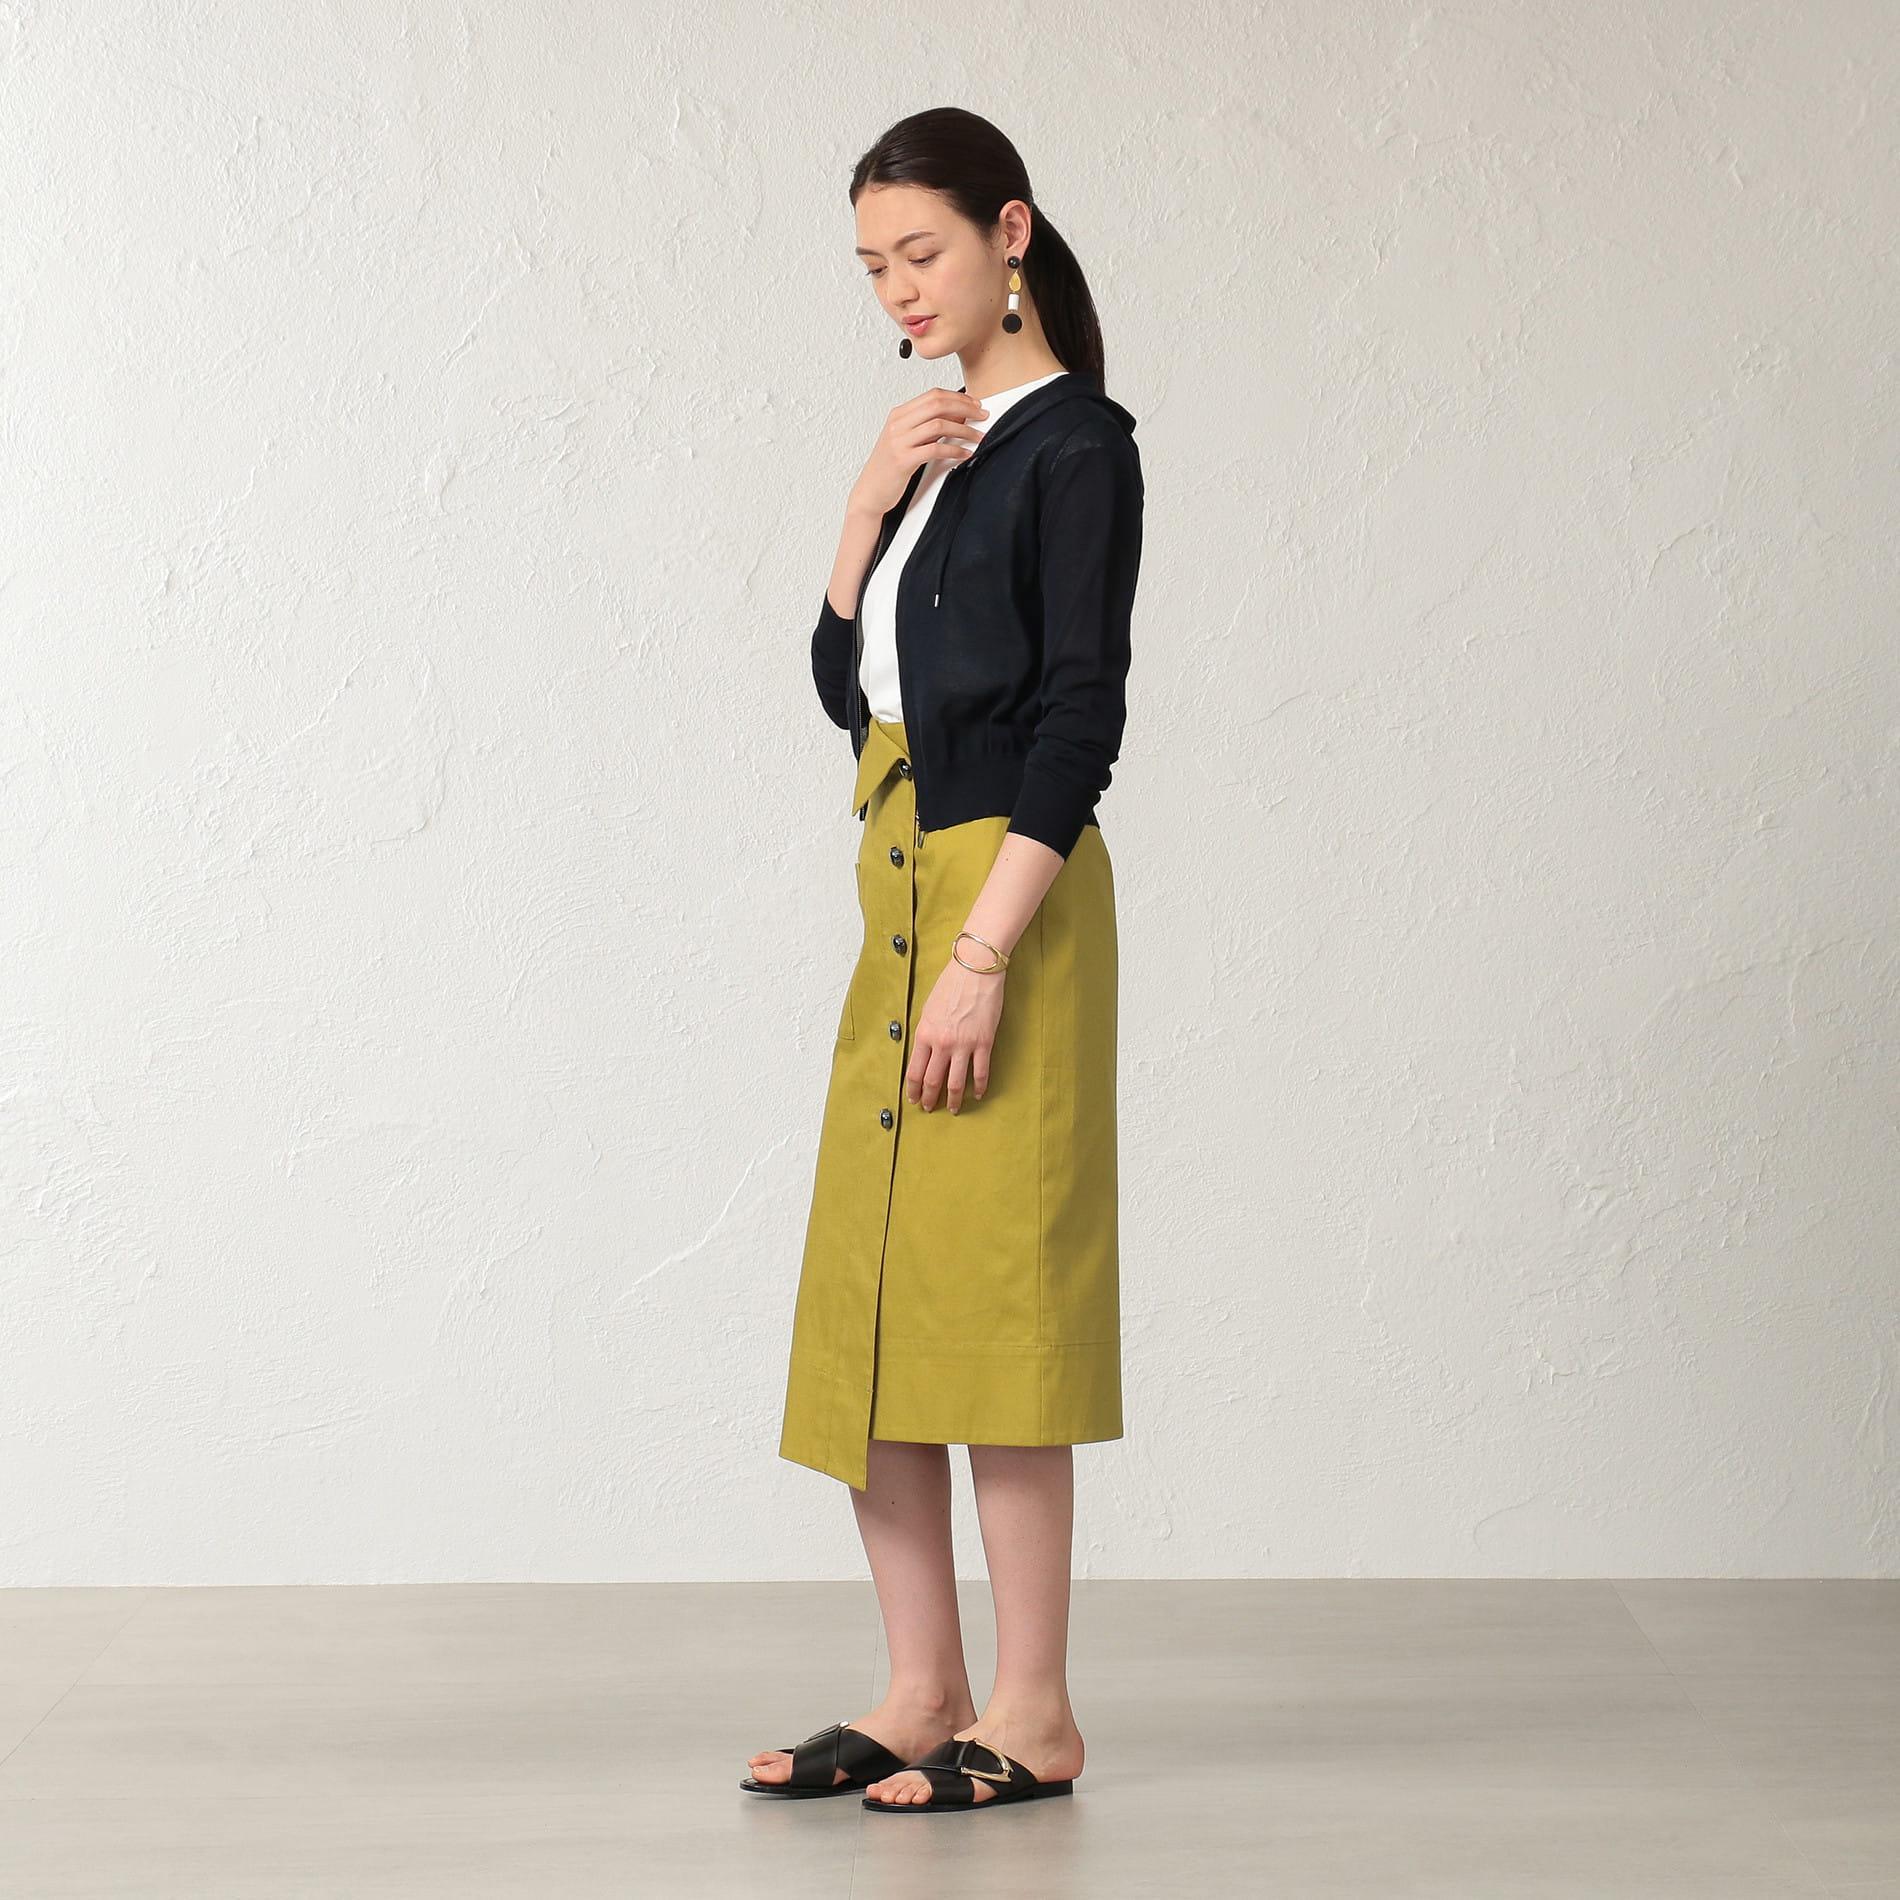 【KAME KYOKO×EPOCA THE SHOP】フロントボタンラップスカート